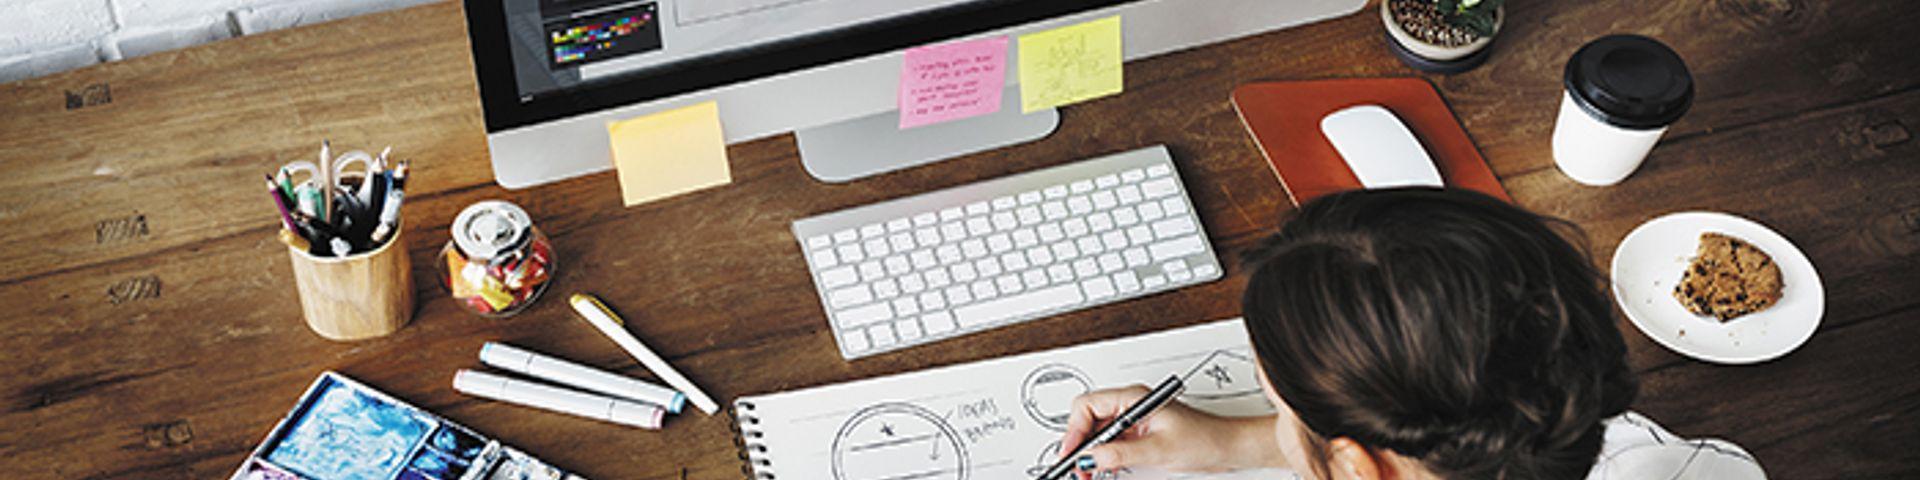 Desarrollo de productos editoriales multimedia